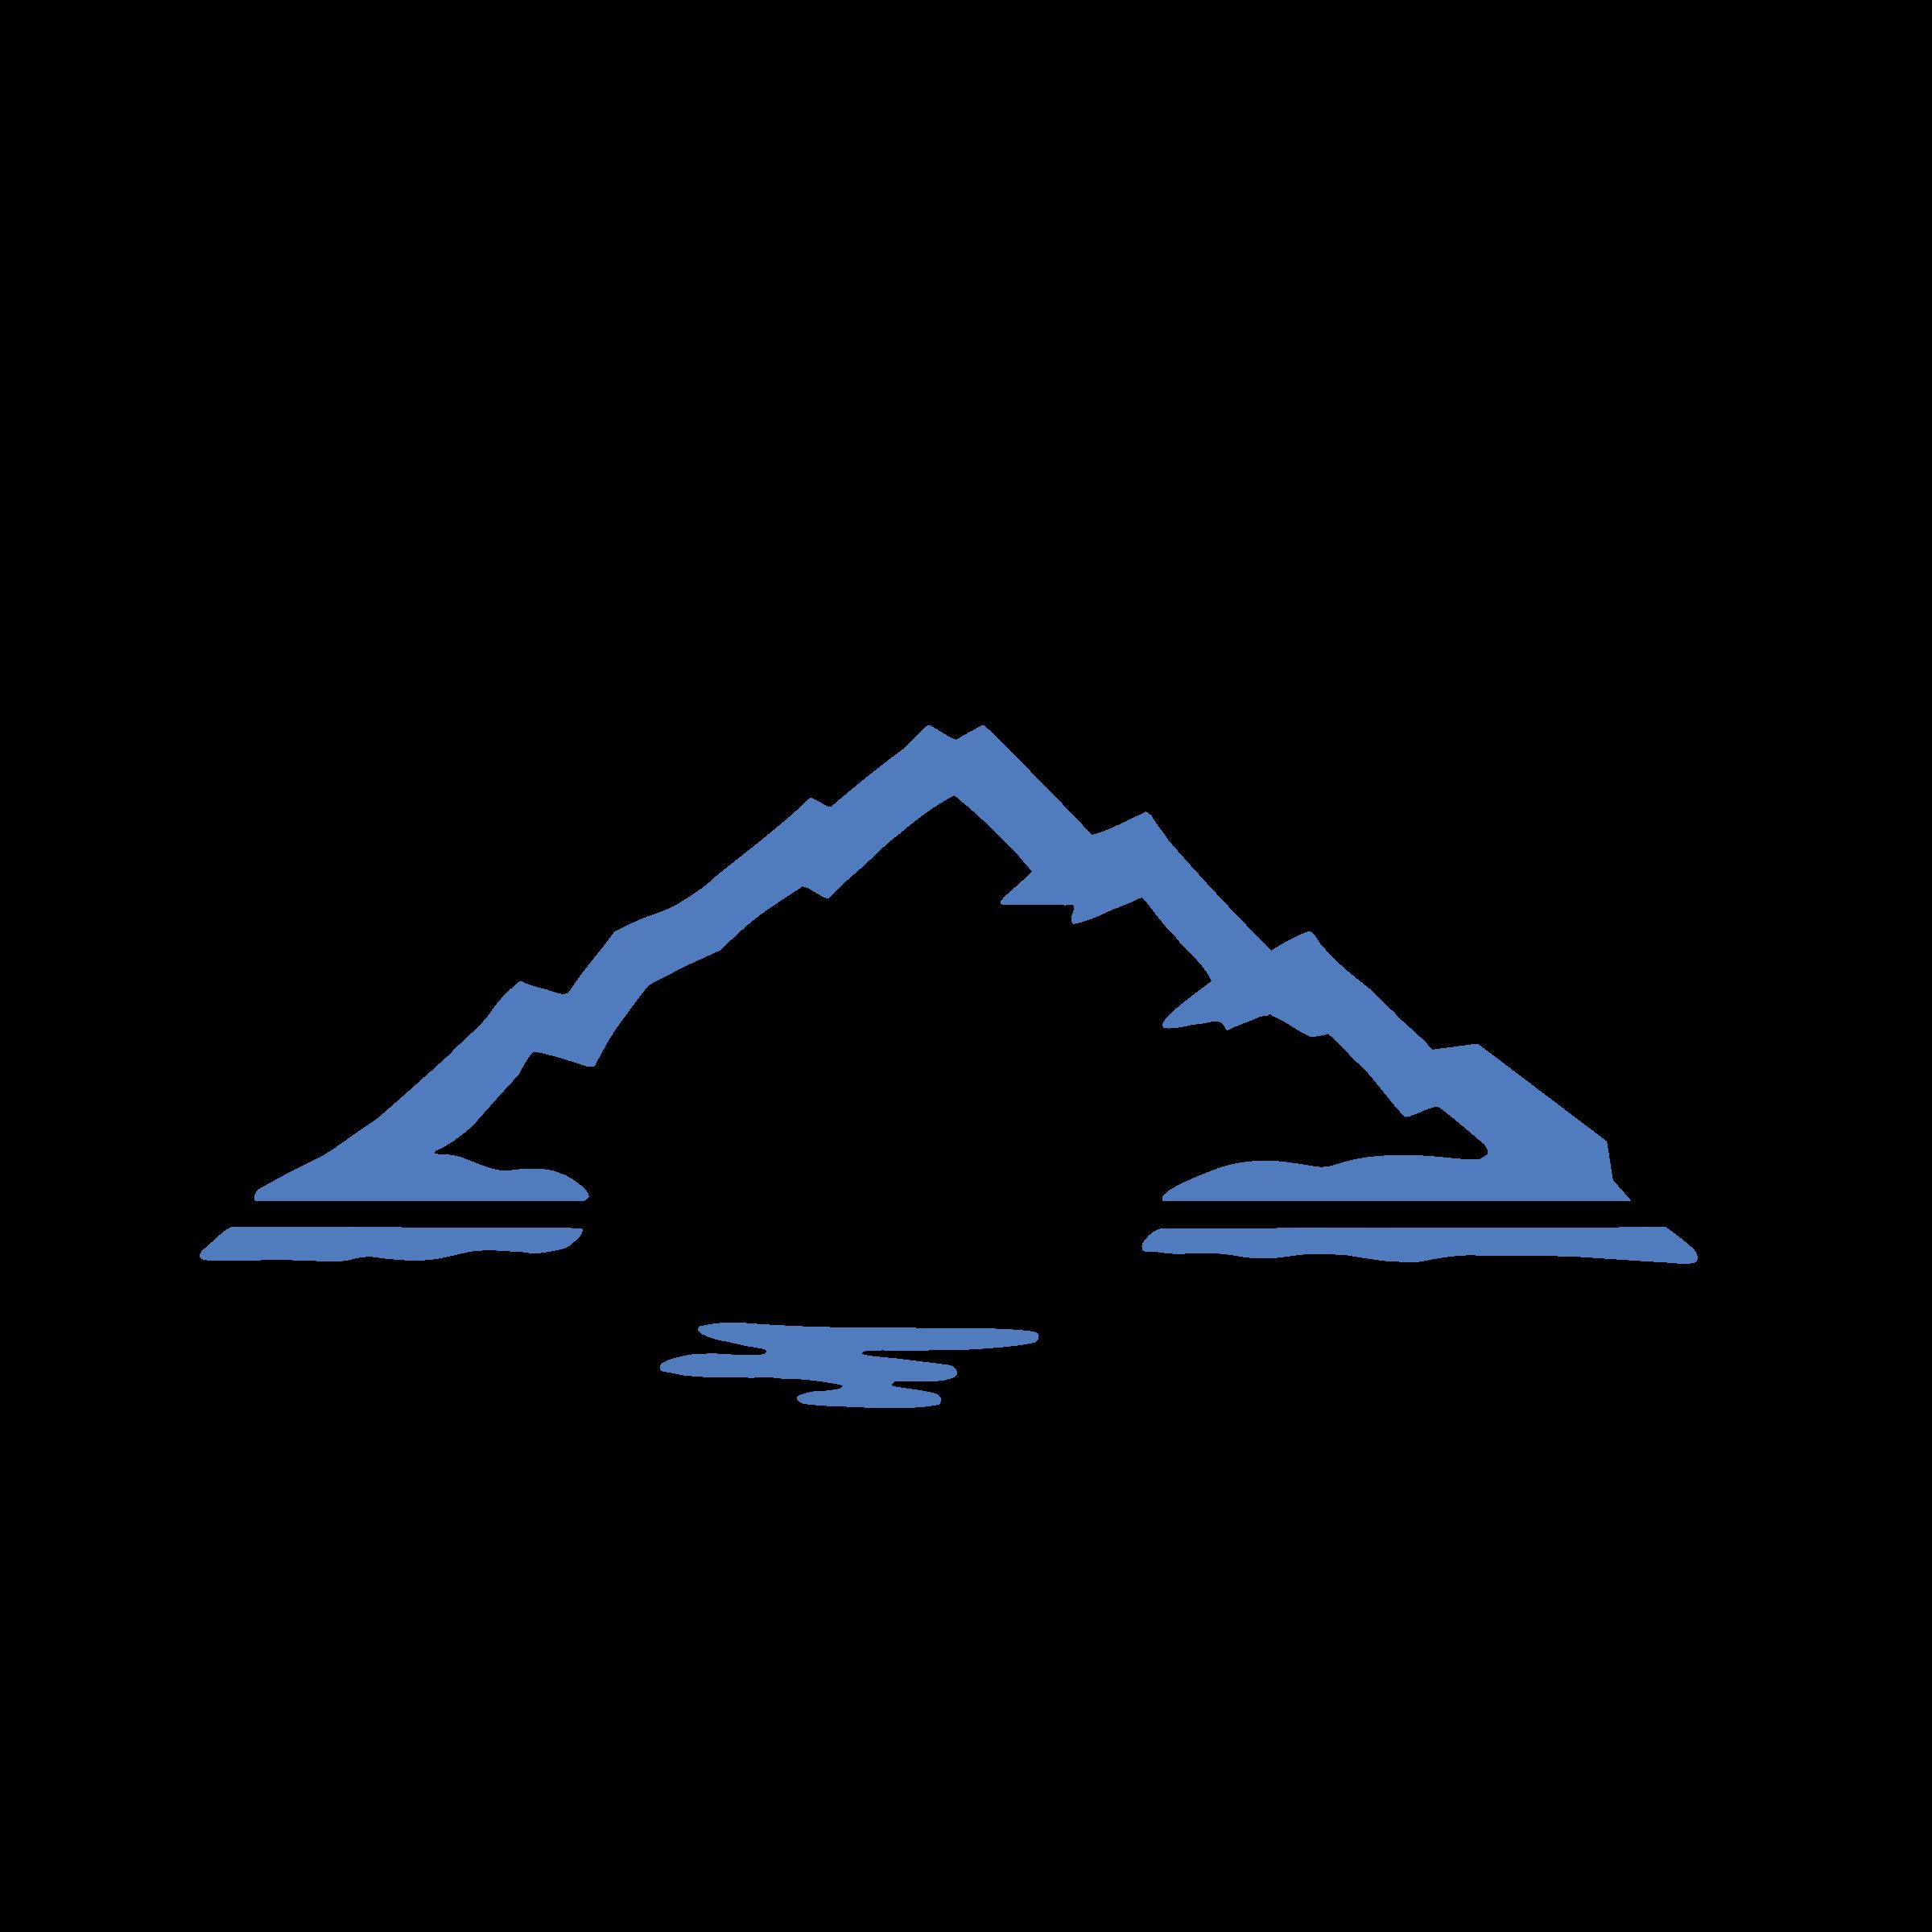 Alaska Seafood Logo PNG Transparent & SVG Vector.